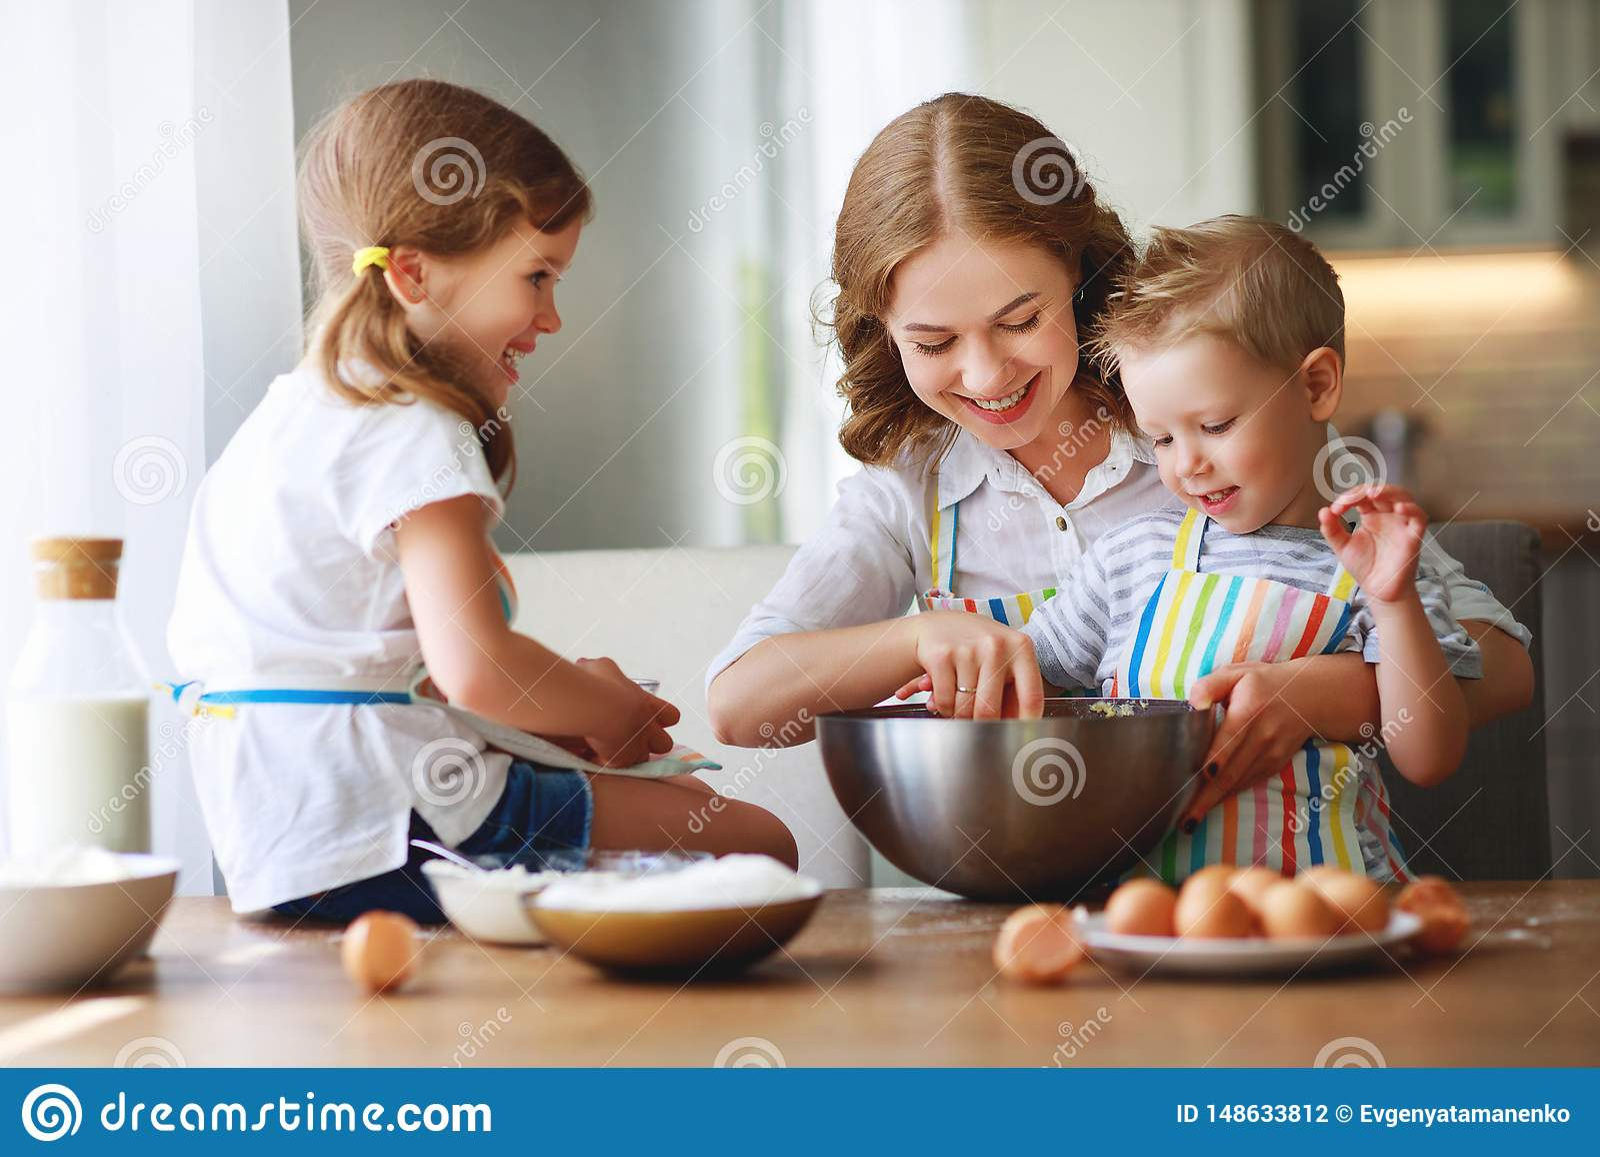 Gelukkige Familie in Keuken moeder en de kinderen die deeg de voorbereiden, bakken koekjes